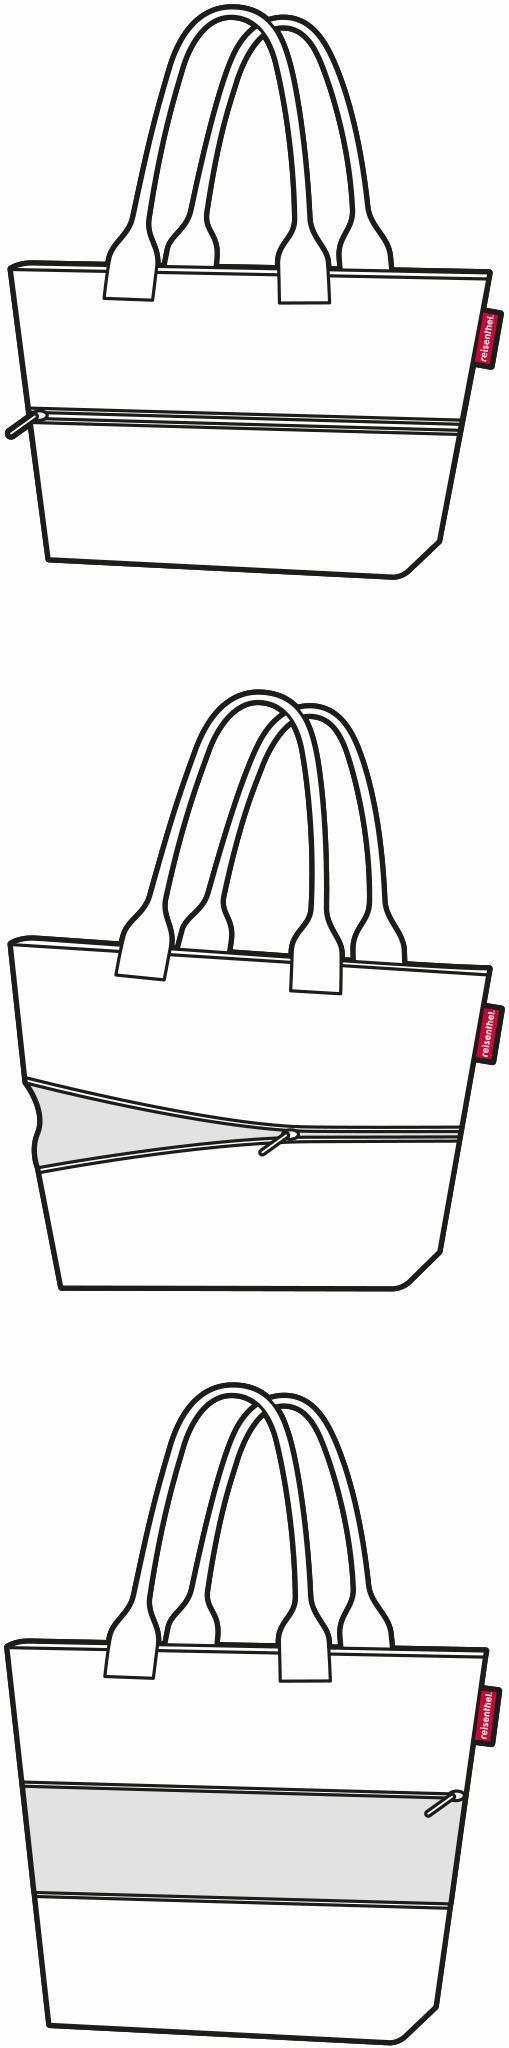 E1« Einkauf Einkaufsshopper Für Kleinen Den L Reisenthel® Platz »shopper 18 wfSPnqE7